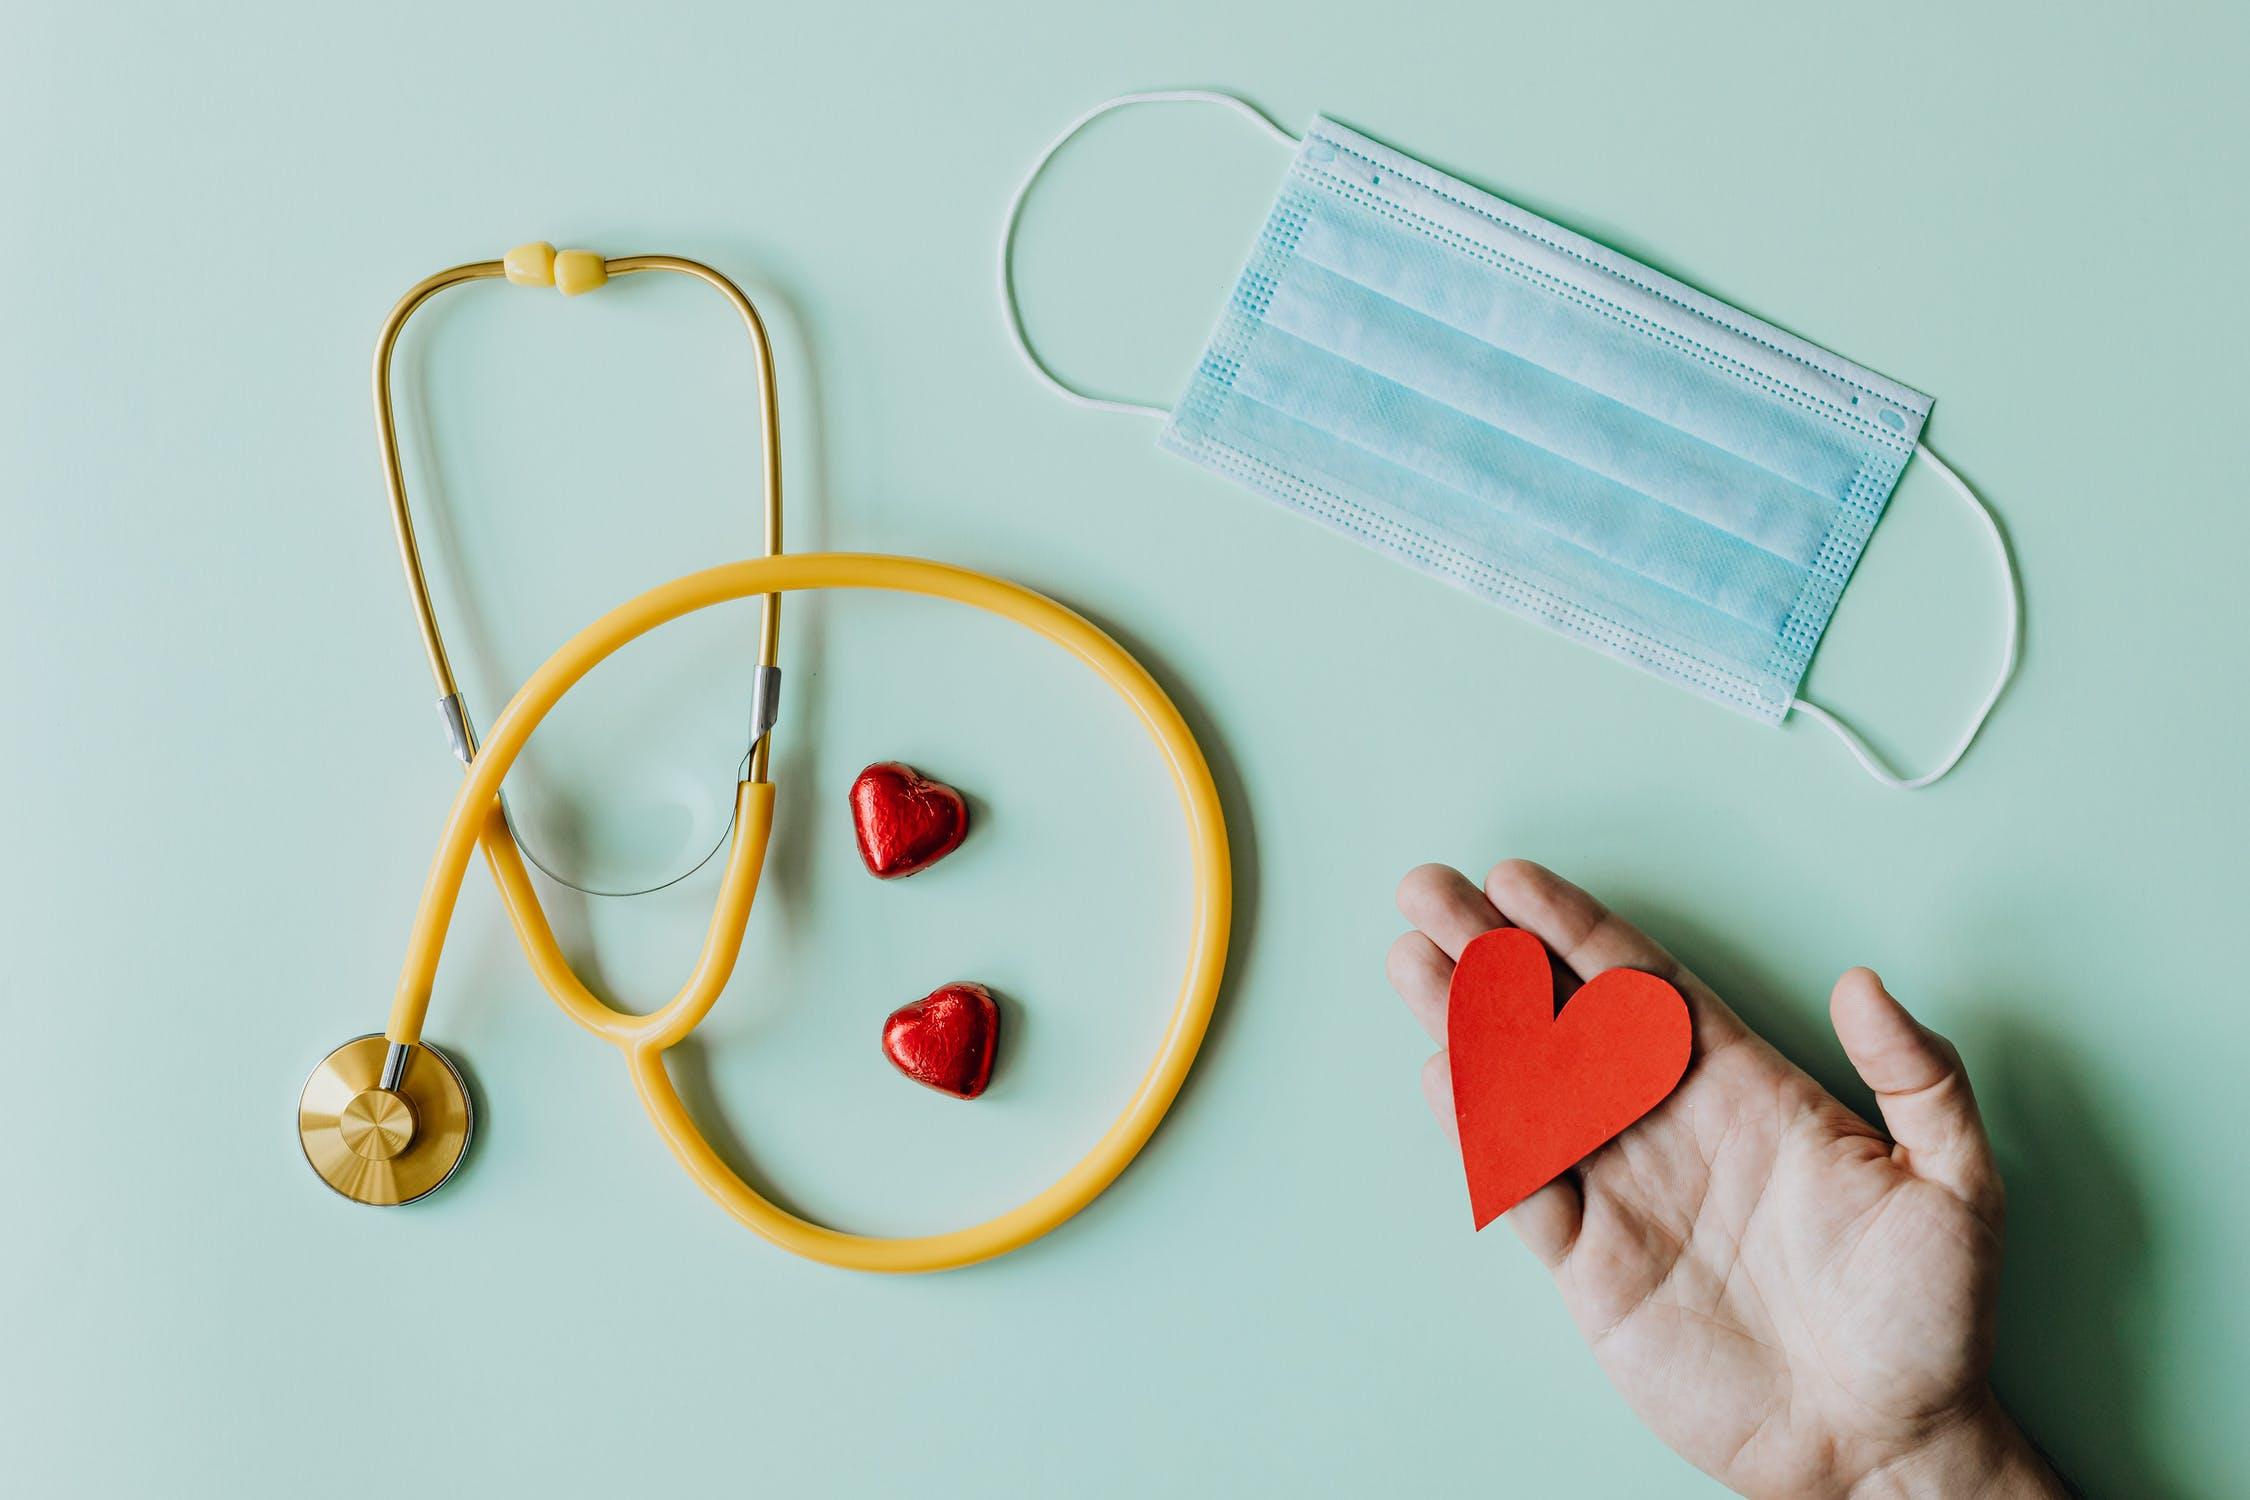 Qual seu papel no sistema de gestão da qualidade hospitalar: operário, artesão ou artista?